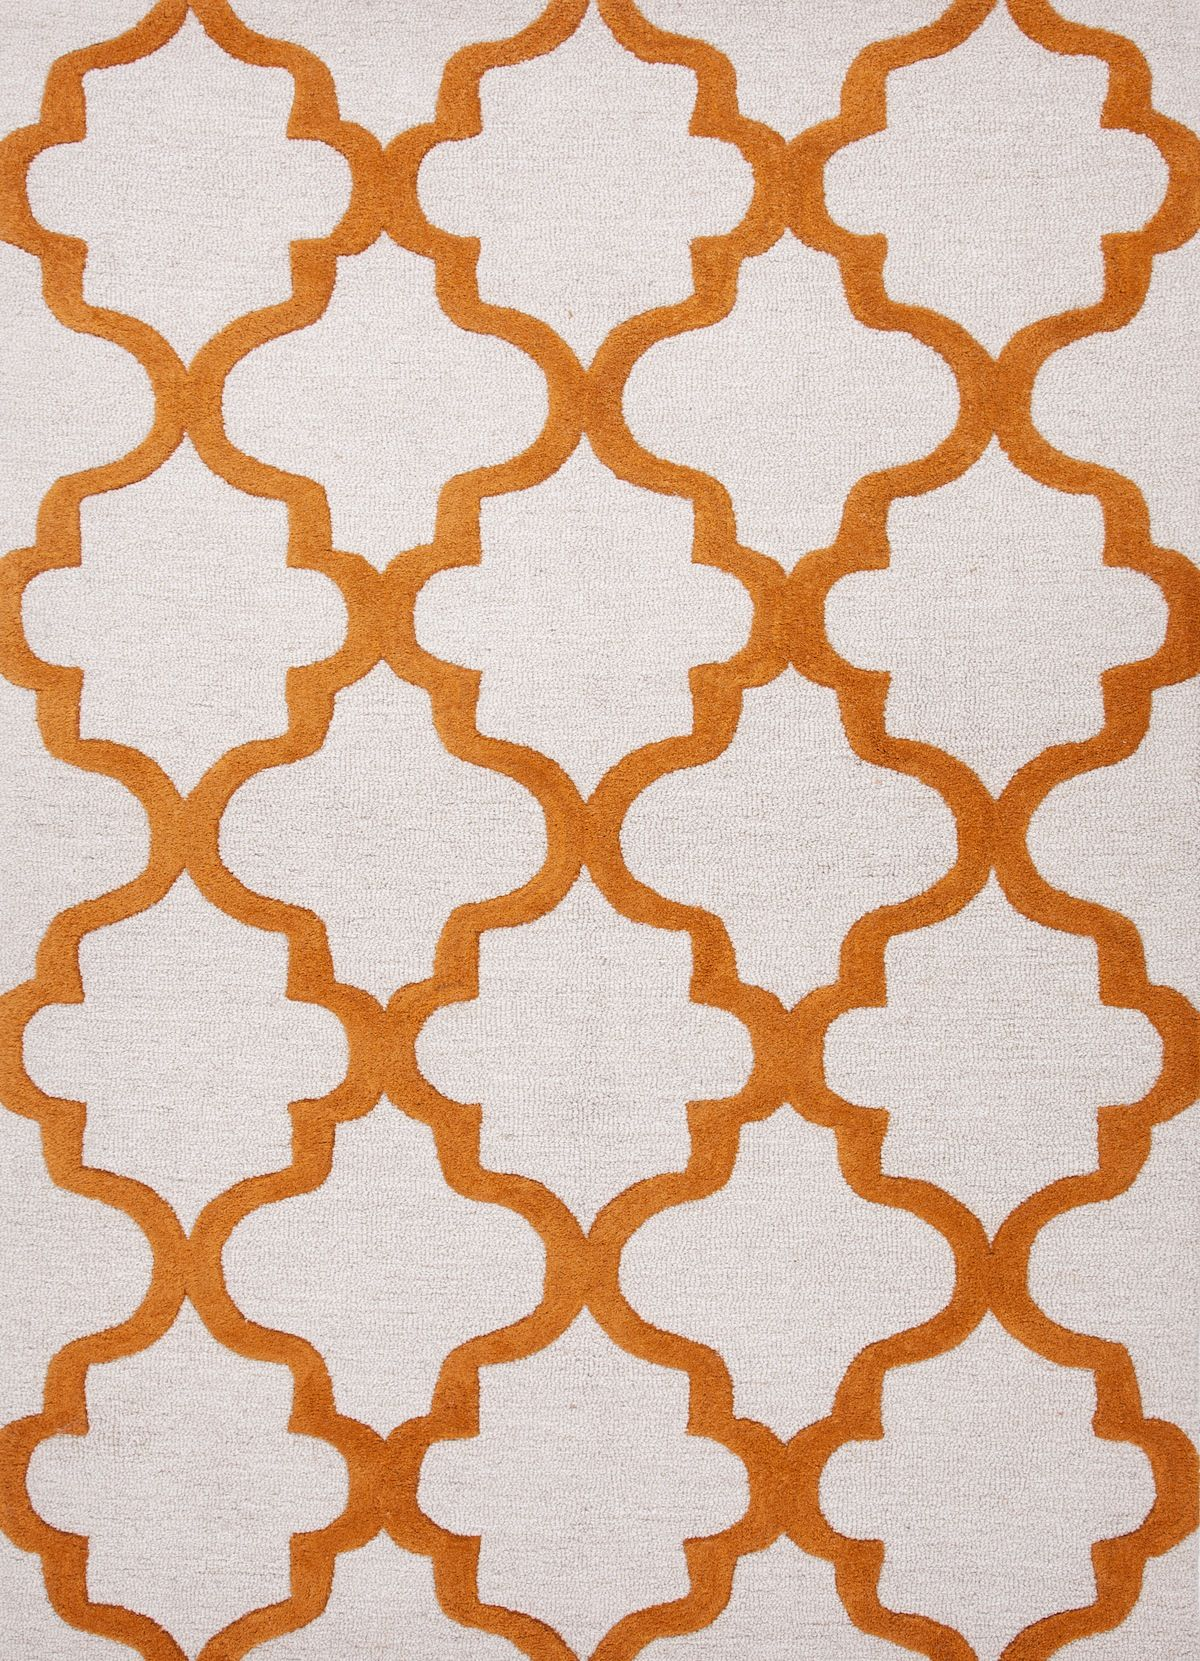 Orange White Nursery Area Rug Orange Area Rug Hand